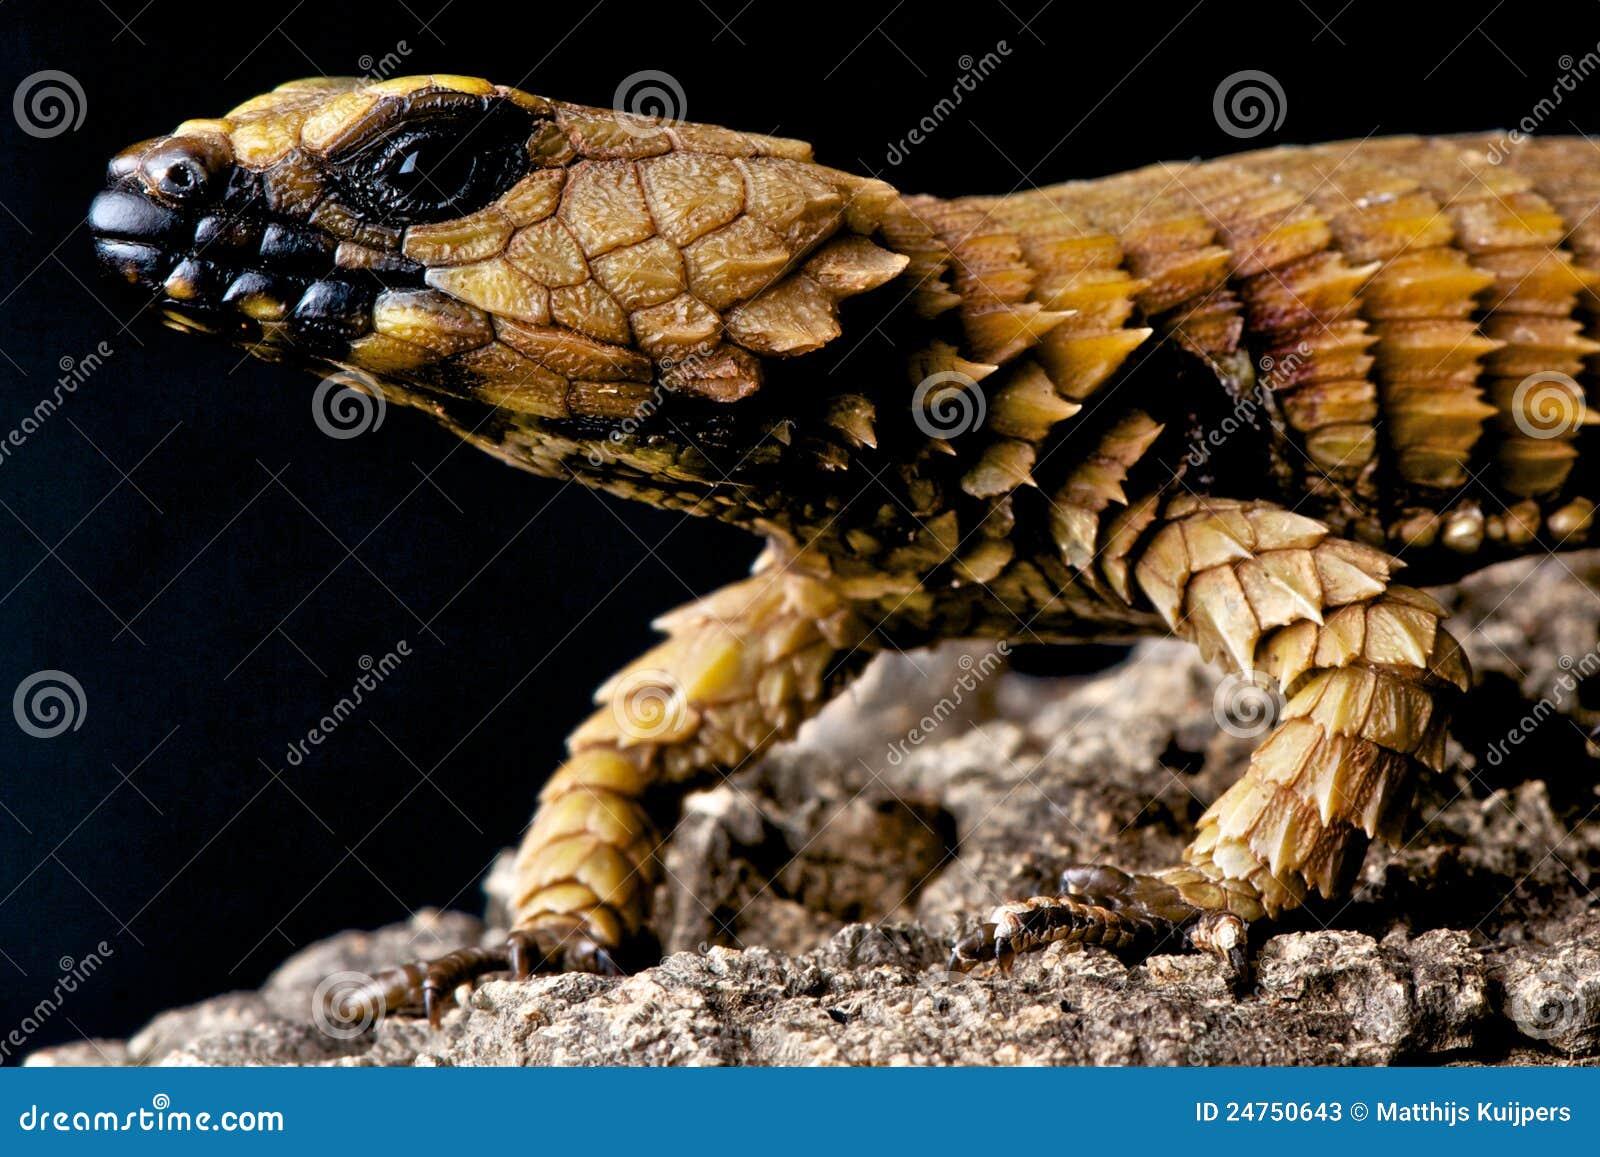 Armadillo Lizard for Sale  Reptiles for Sale